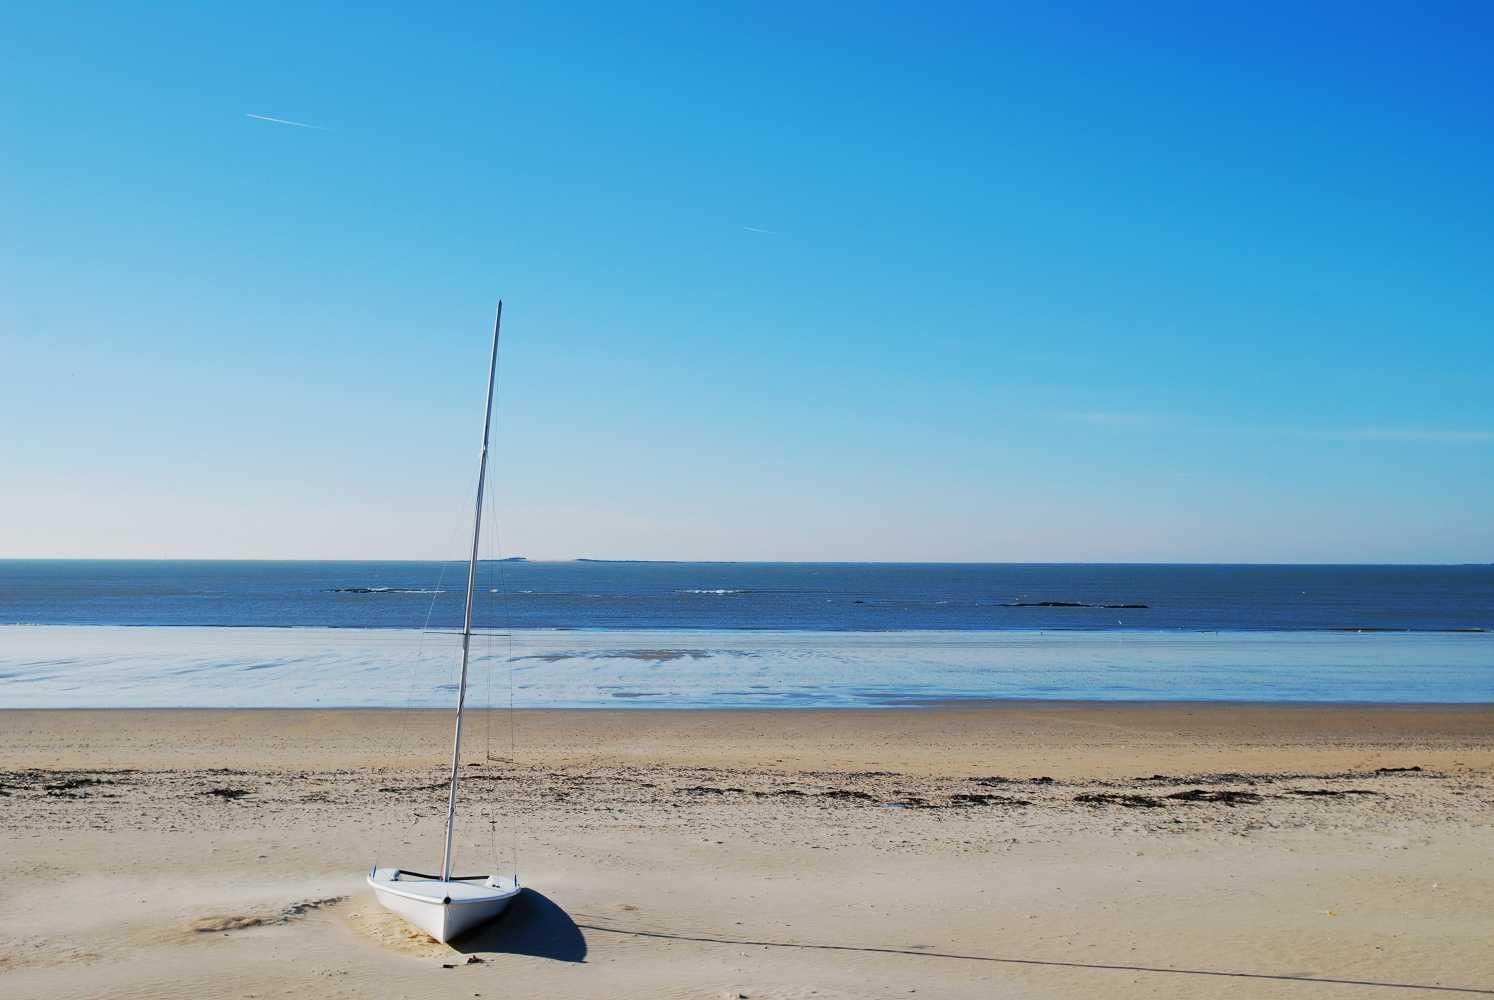 BA bord de mer - la baule2